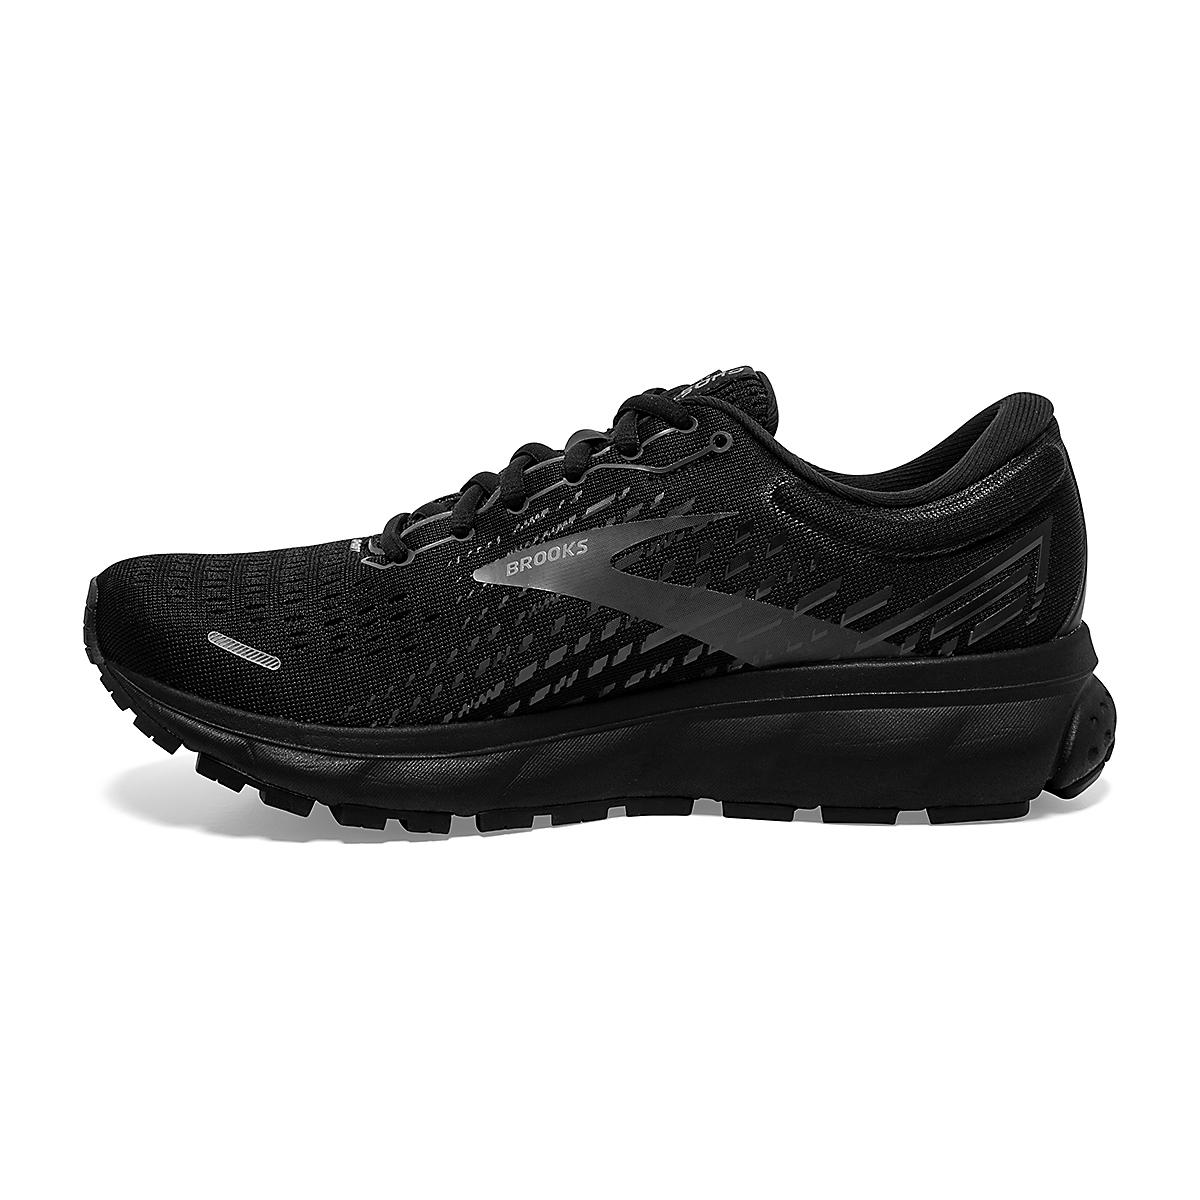 Women's Brooks Ghost 13 Running Shoe - Color: Black/Black - Size: 5 - Width: Regular, Black/Black, large, image 2